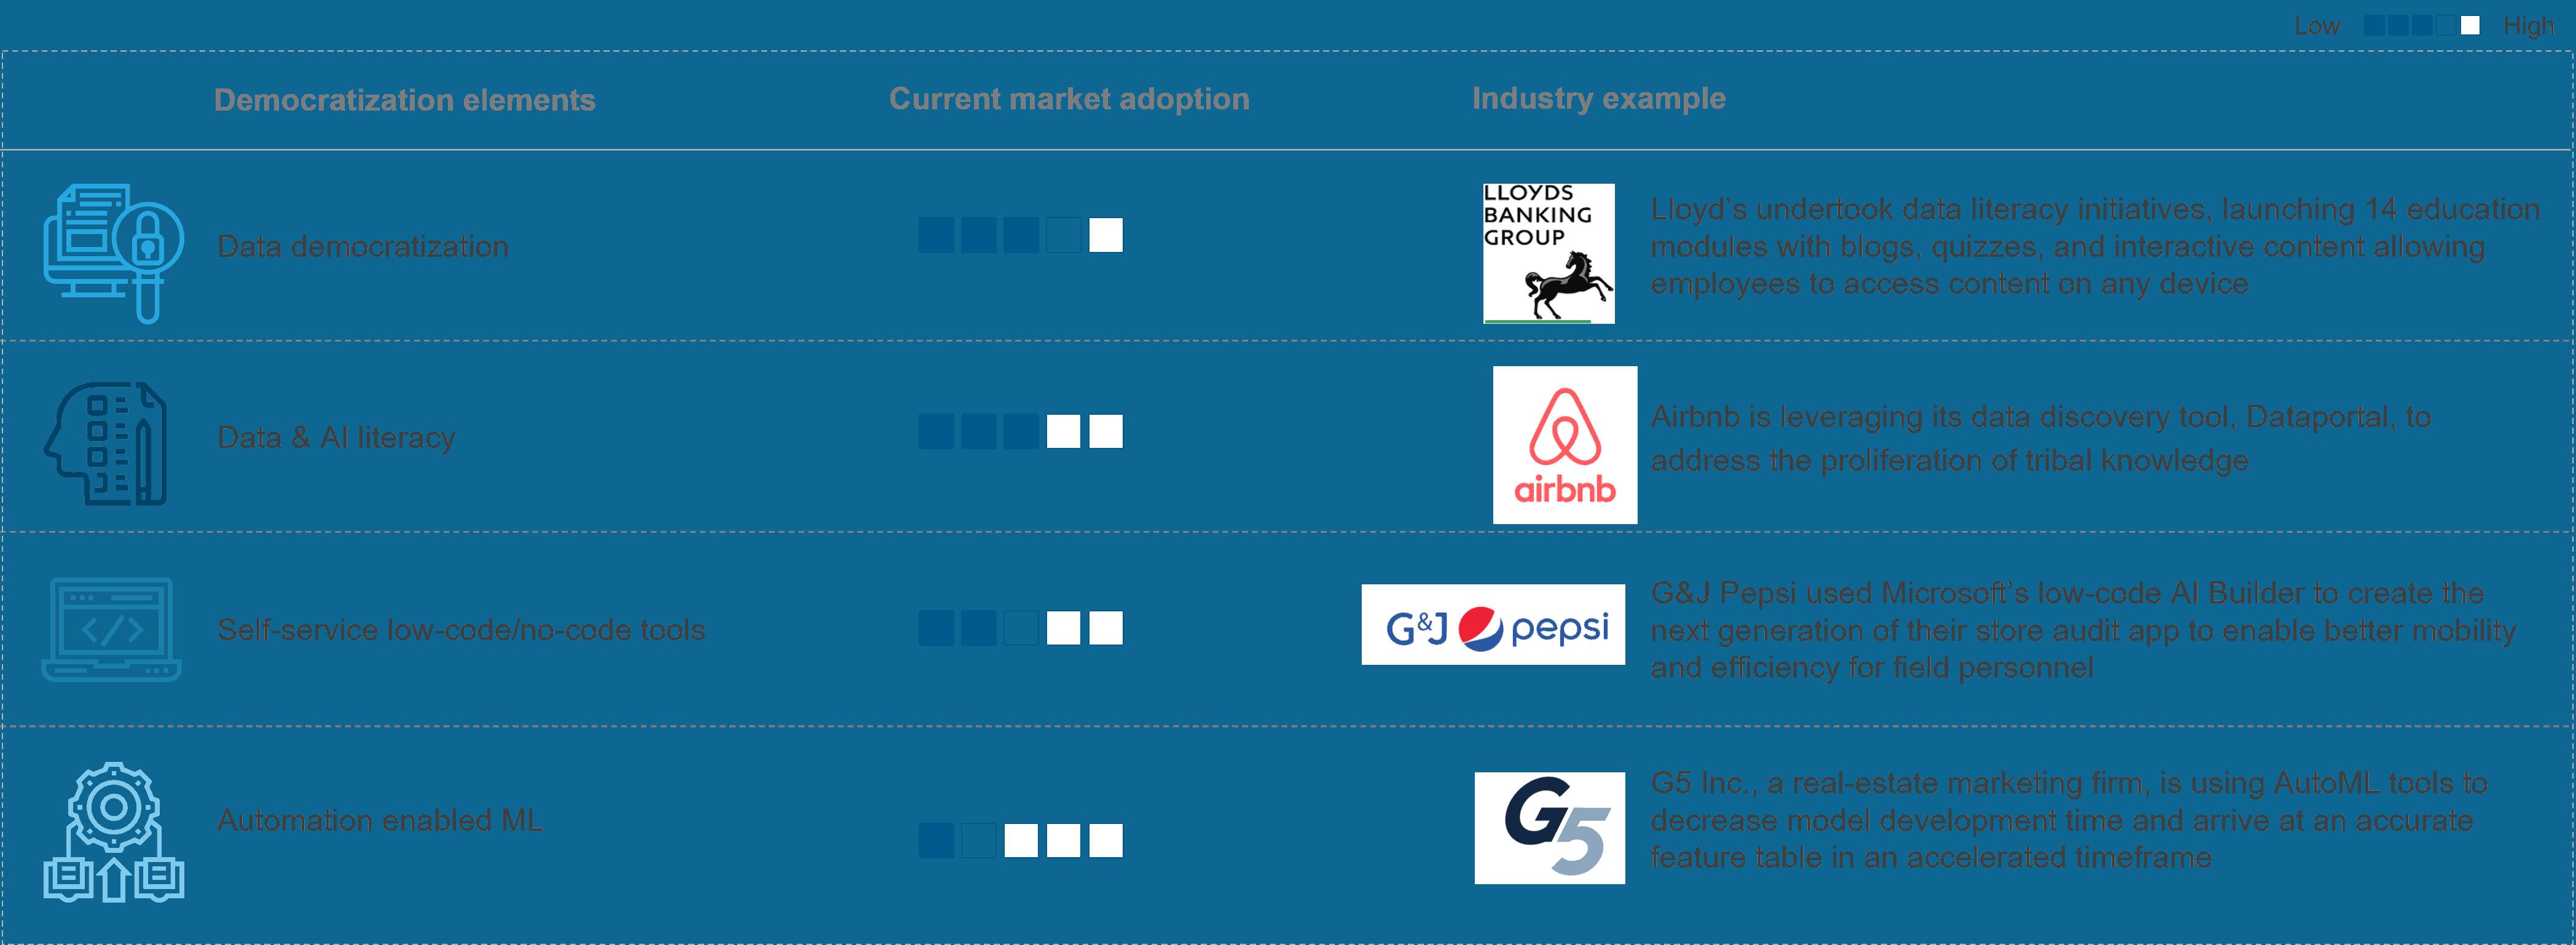 current AI adoption